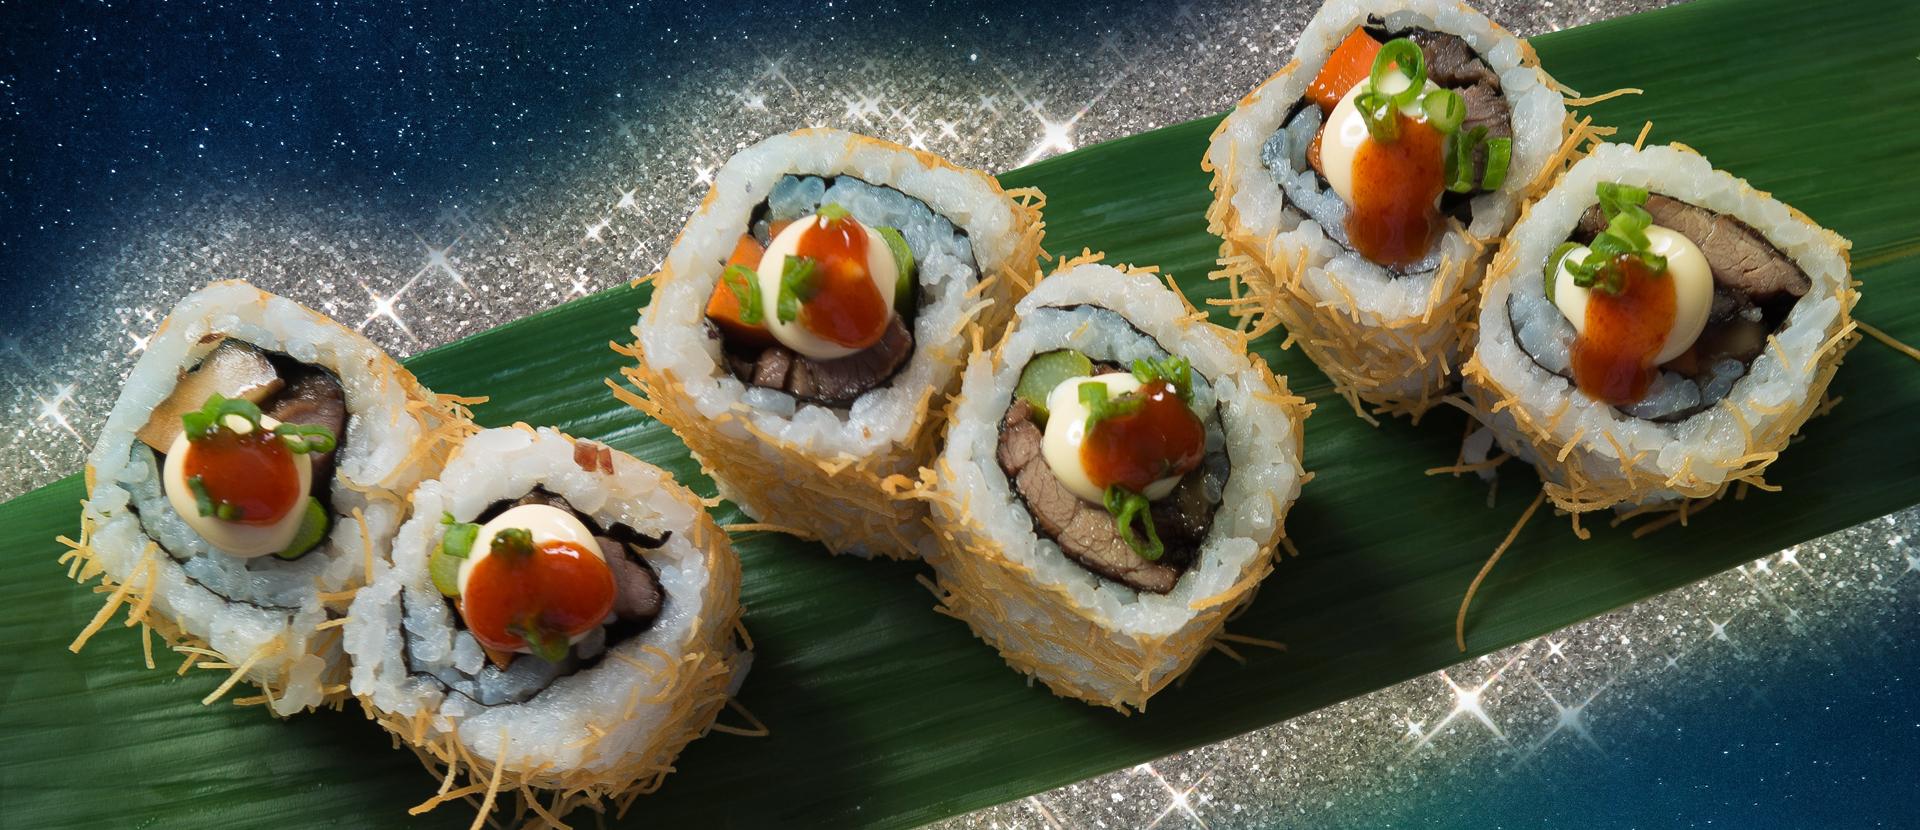 Come mangiare il sushi: sicuri sicuri di farlo nel modo giusto?